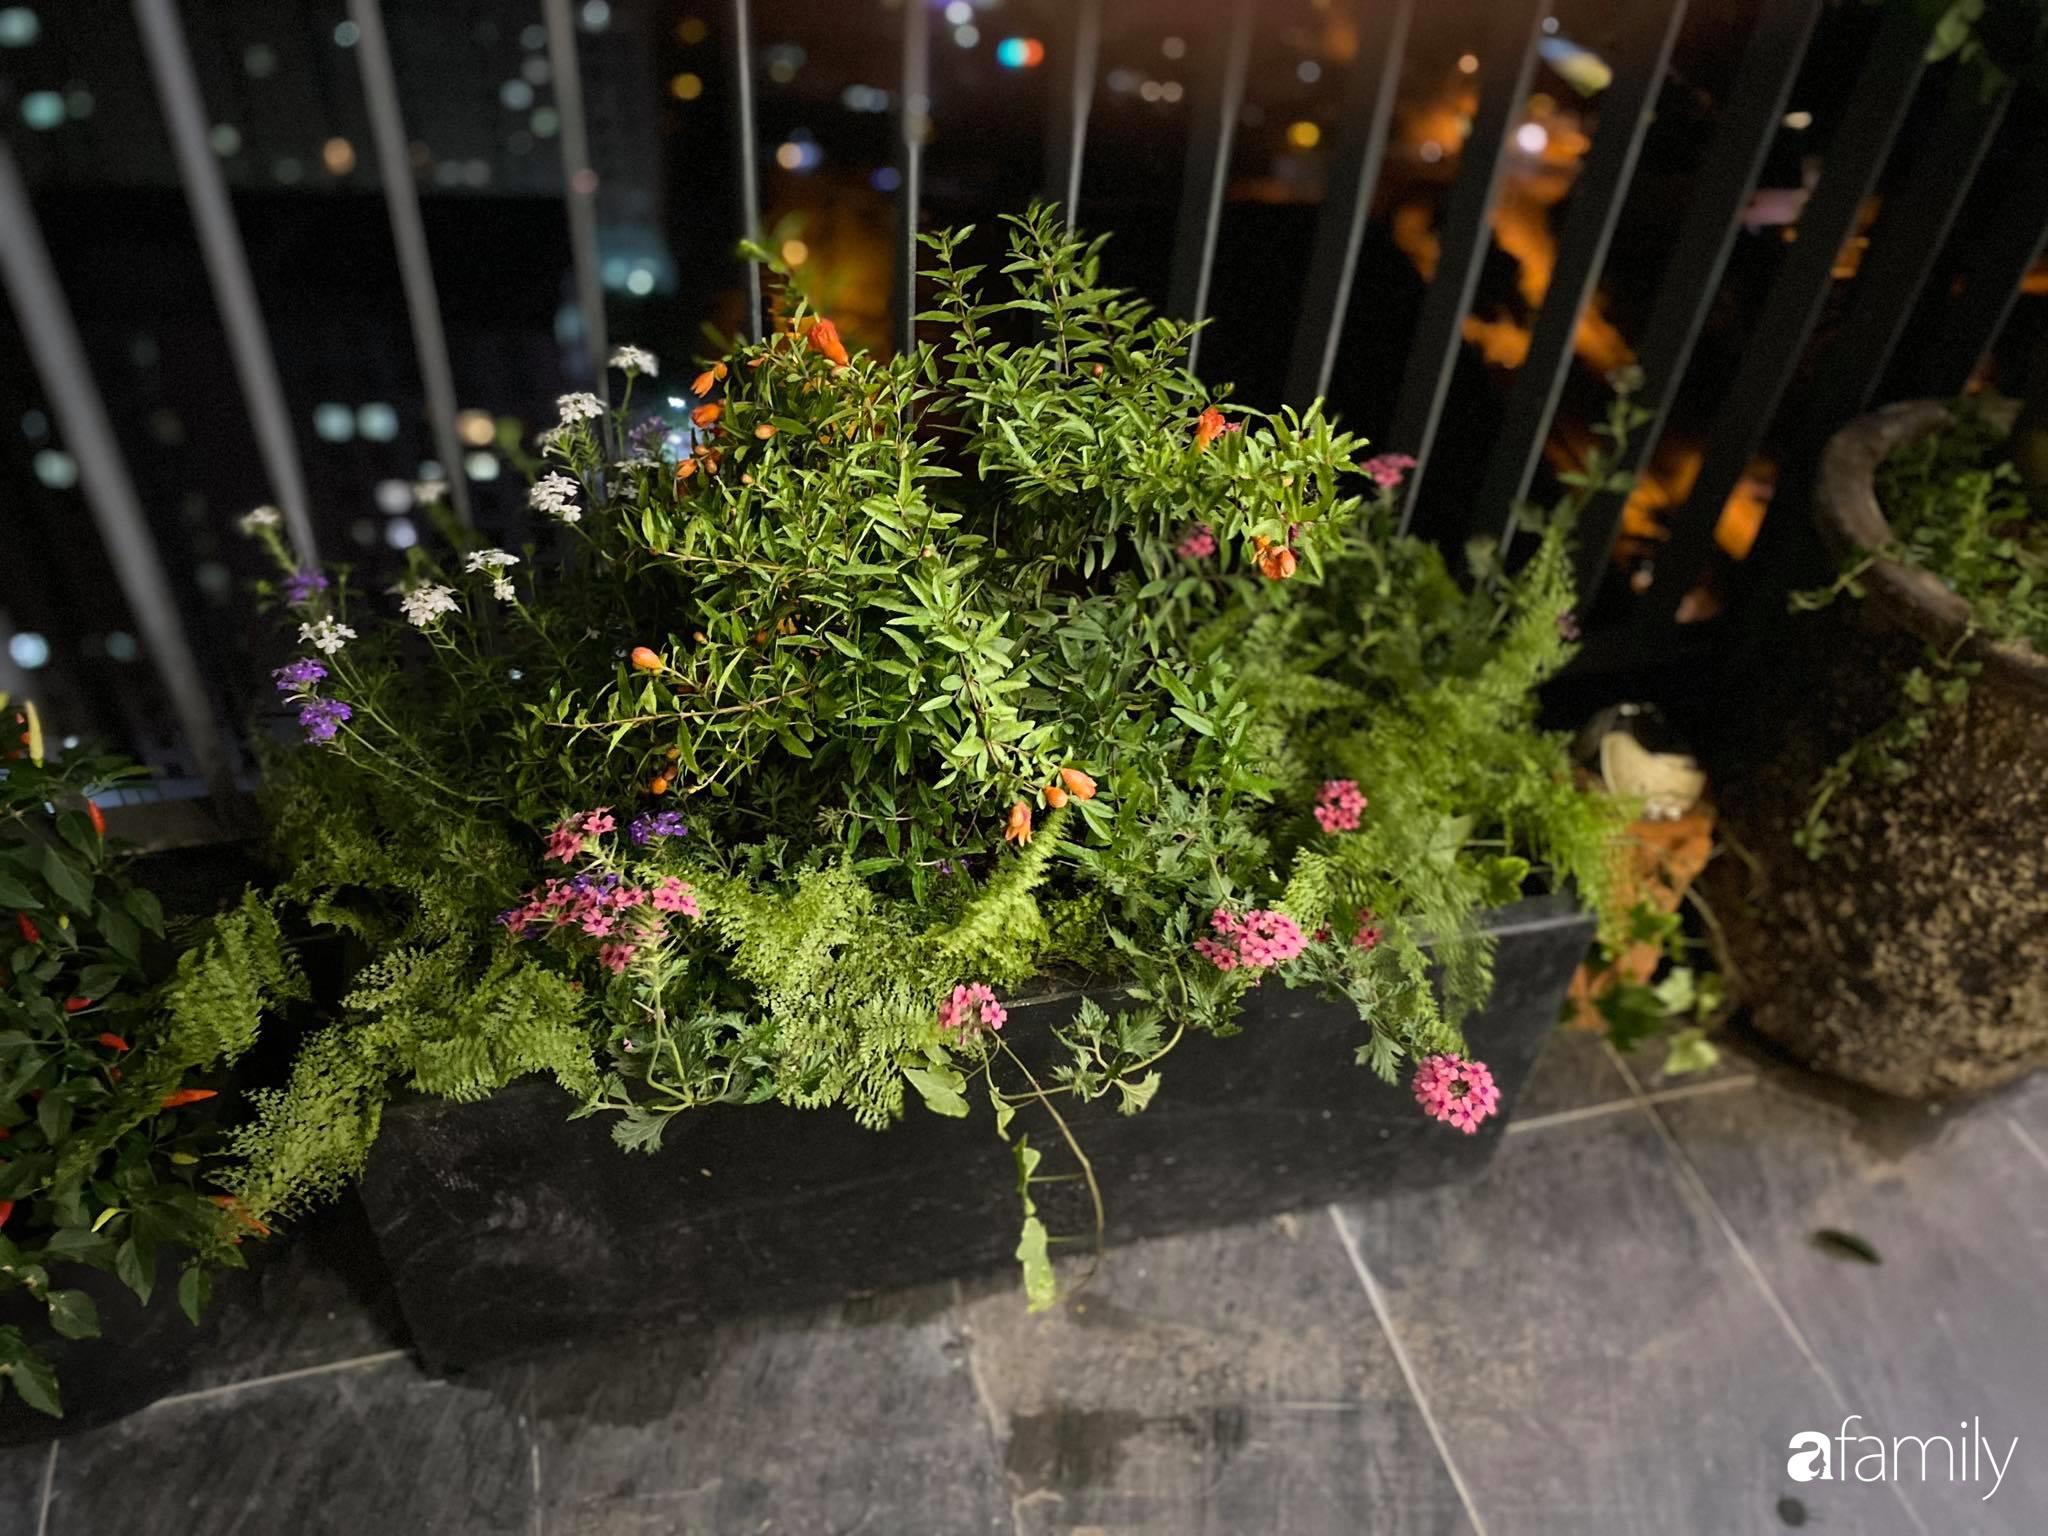 Ban công căn hộ thông tầng đẹp lãng mạn với cây và hoa ở Hà Nội - Ảnh 12.